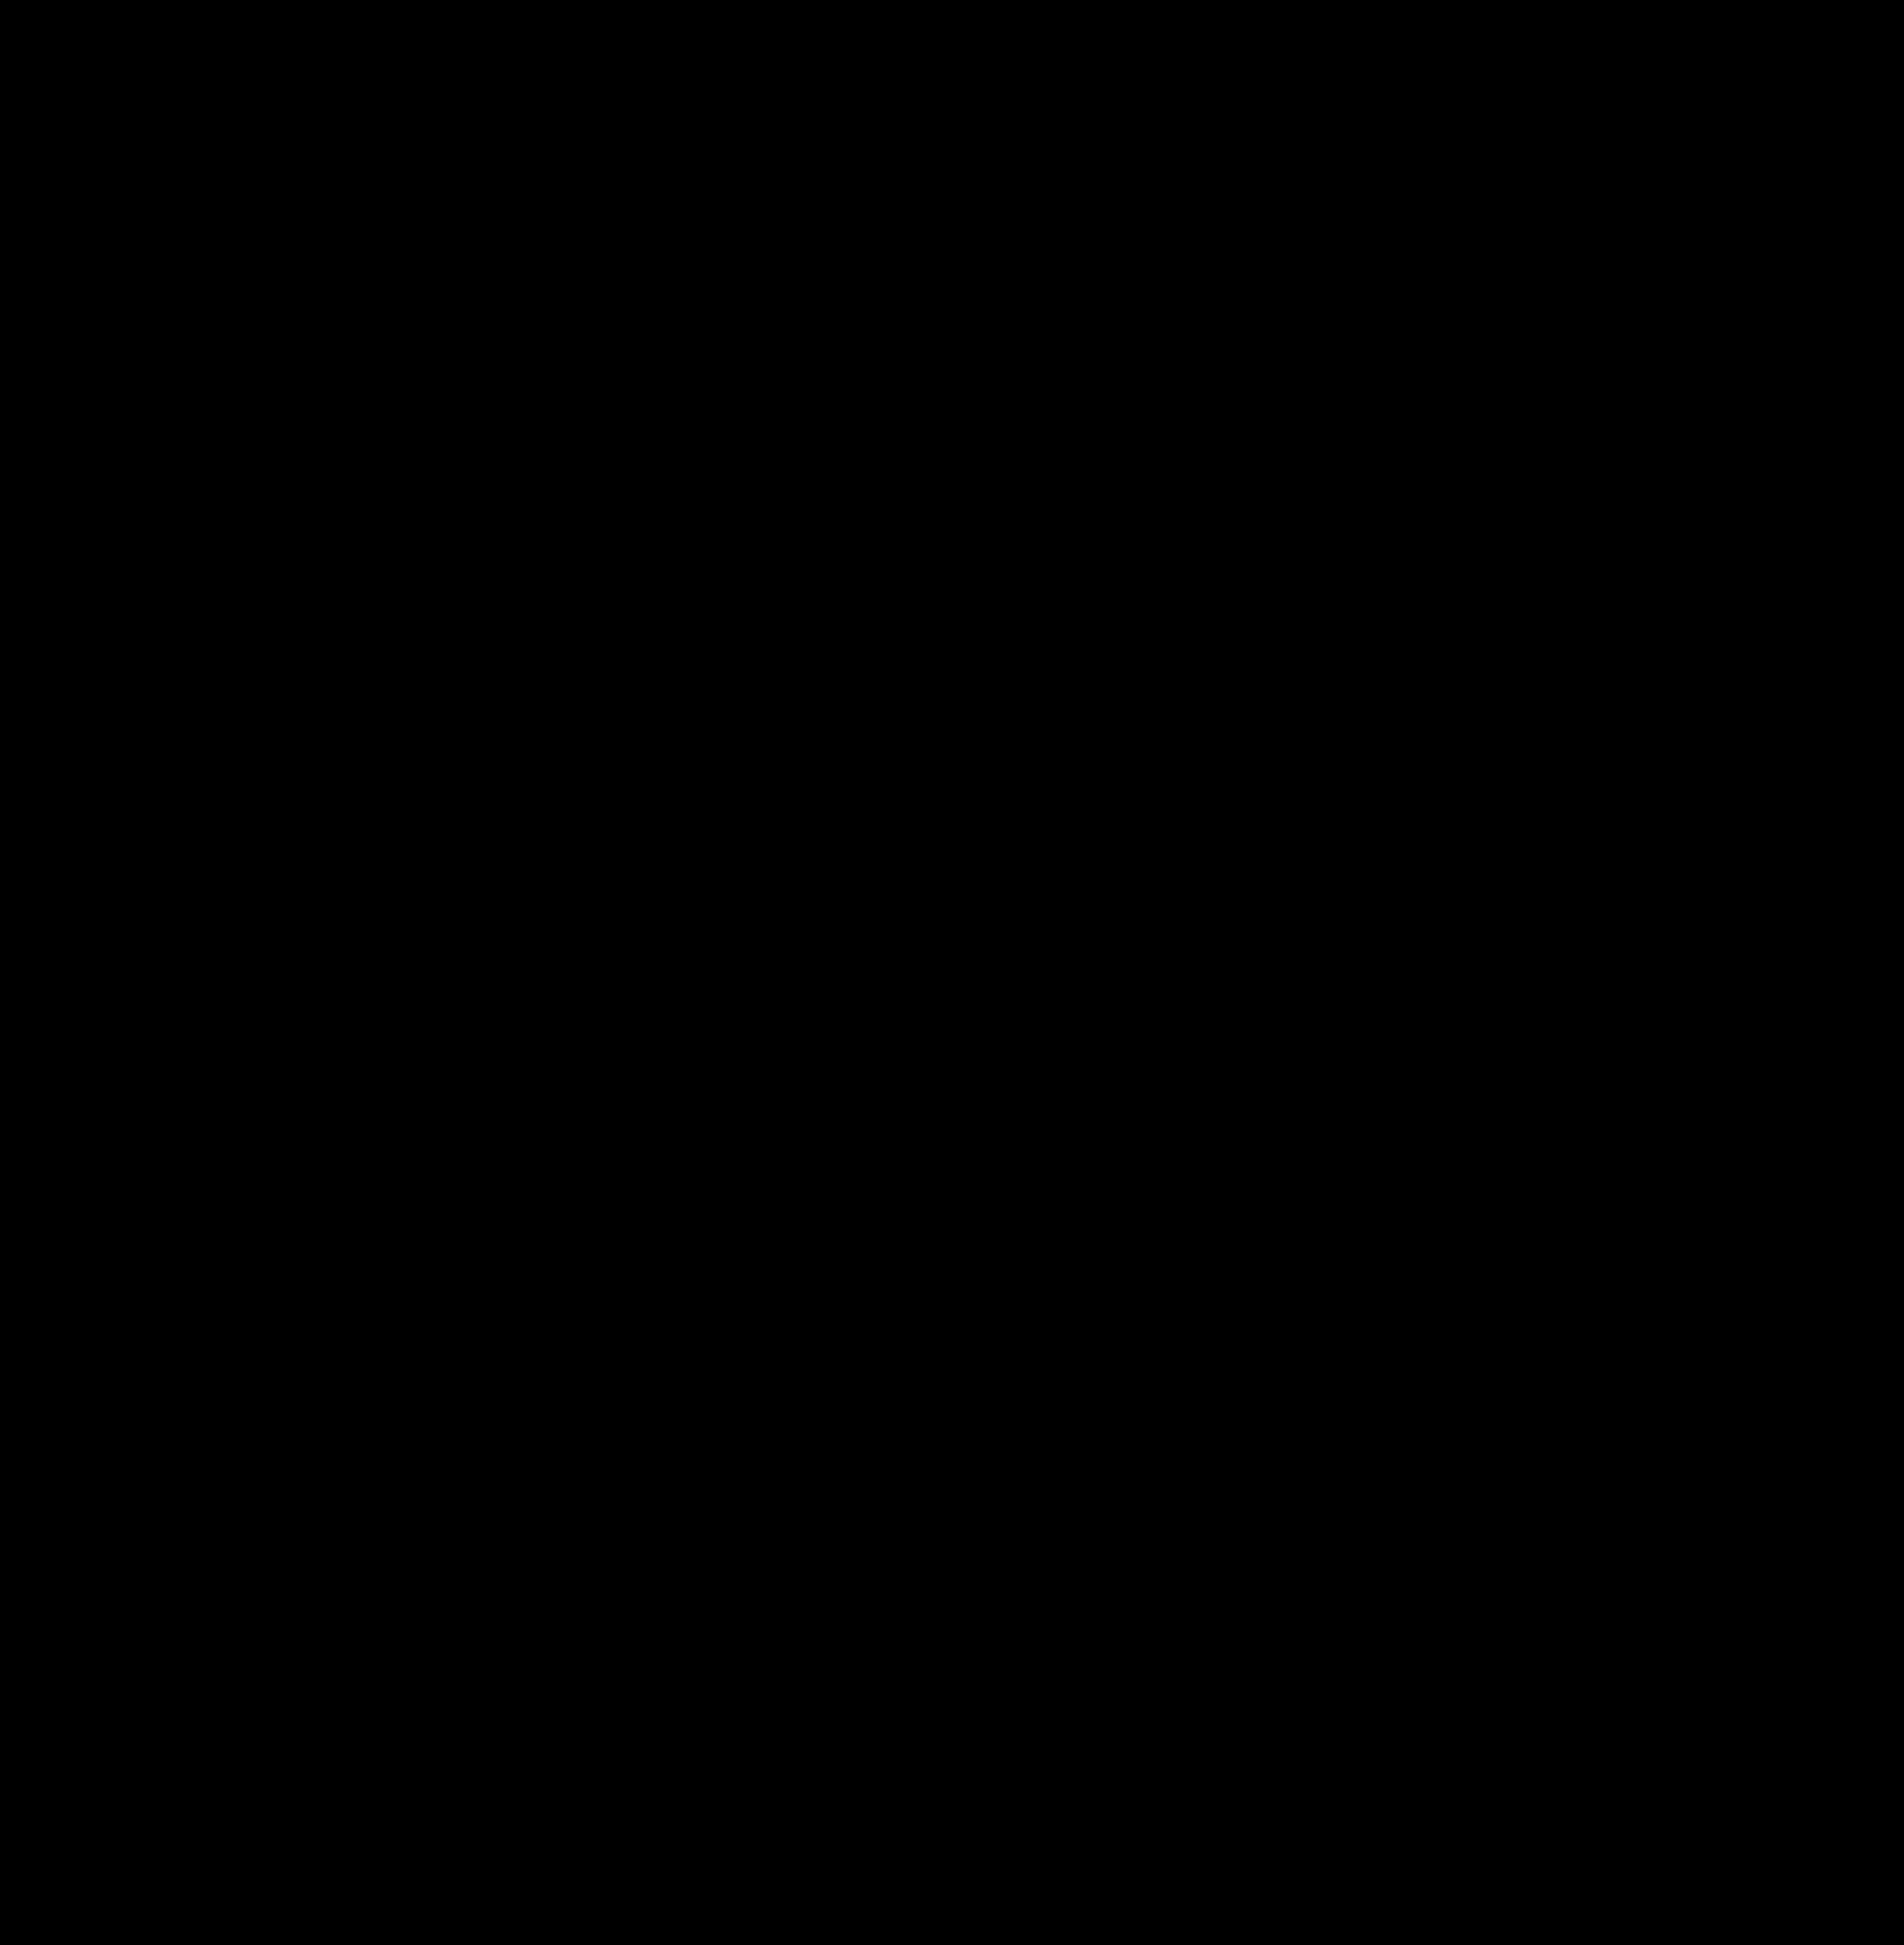 Devil Head PNG HD - 126983